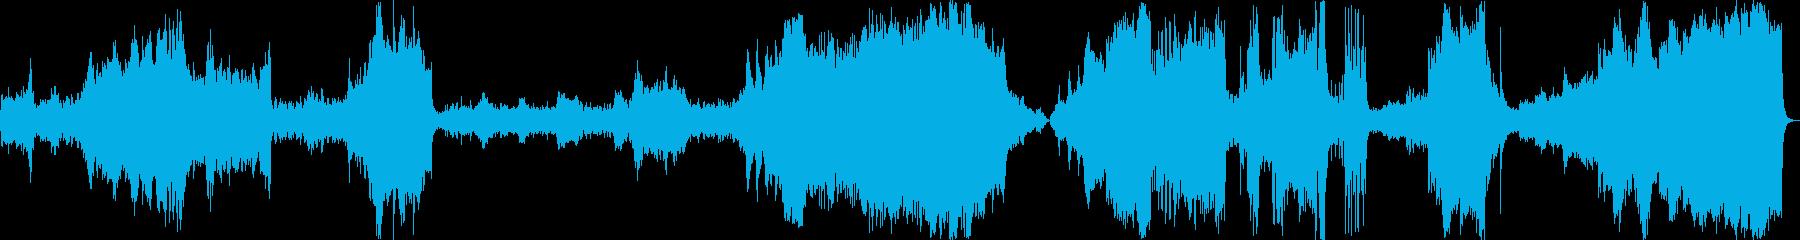 気球旅行記-出発から目的地到着までの軌跡の再生済みの波形